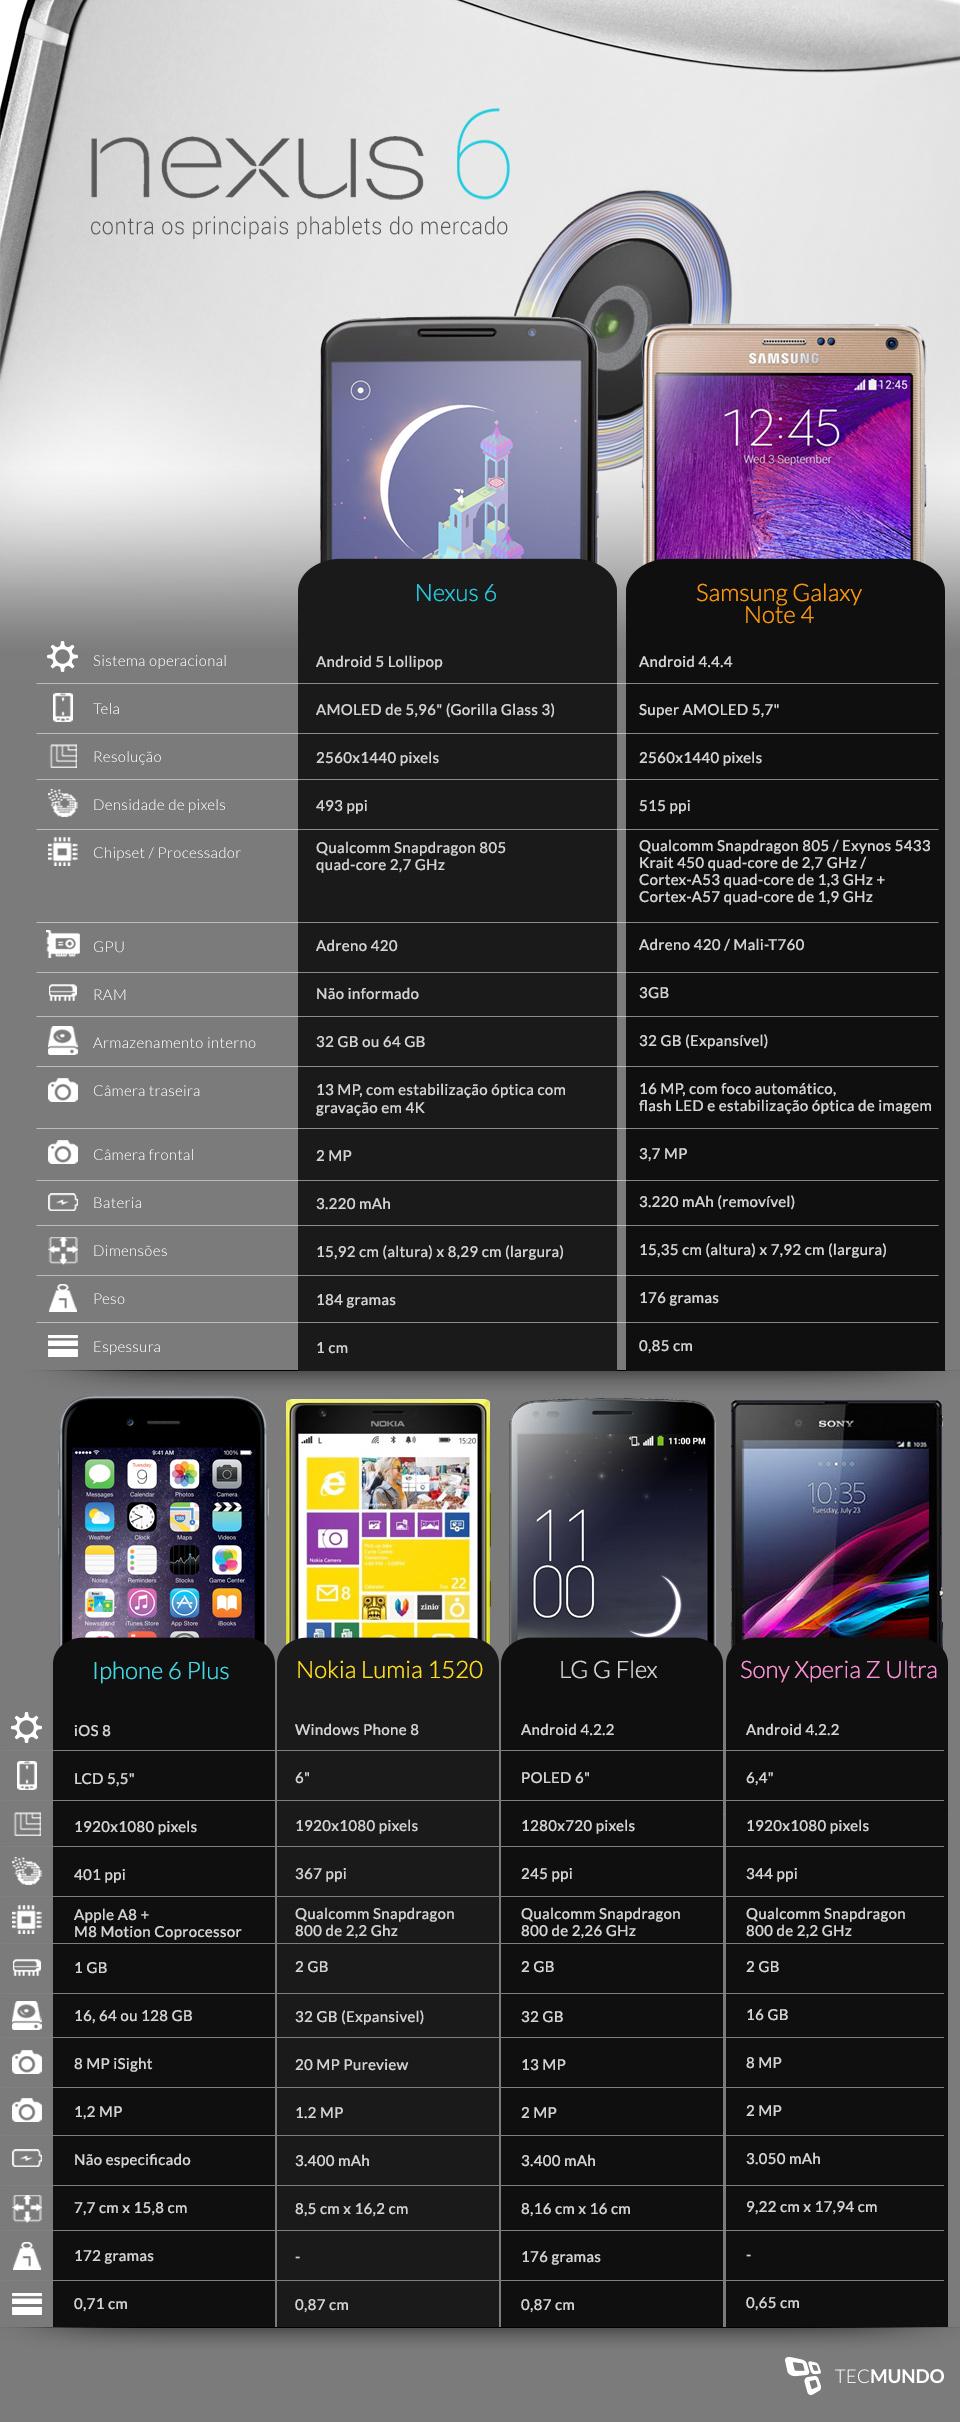 Comparação: Google Nexus 6 contra os principais phablets do mercado